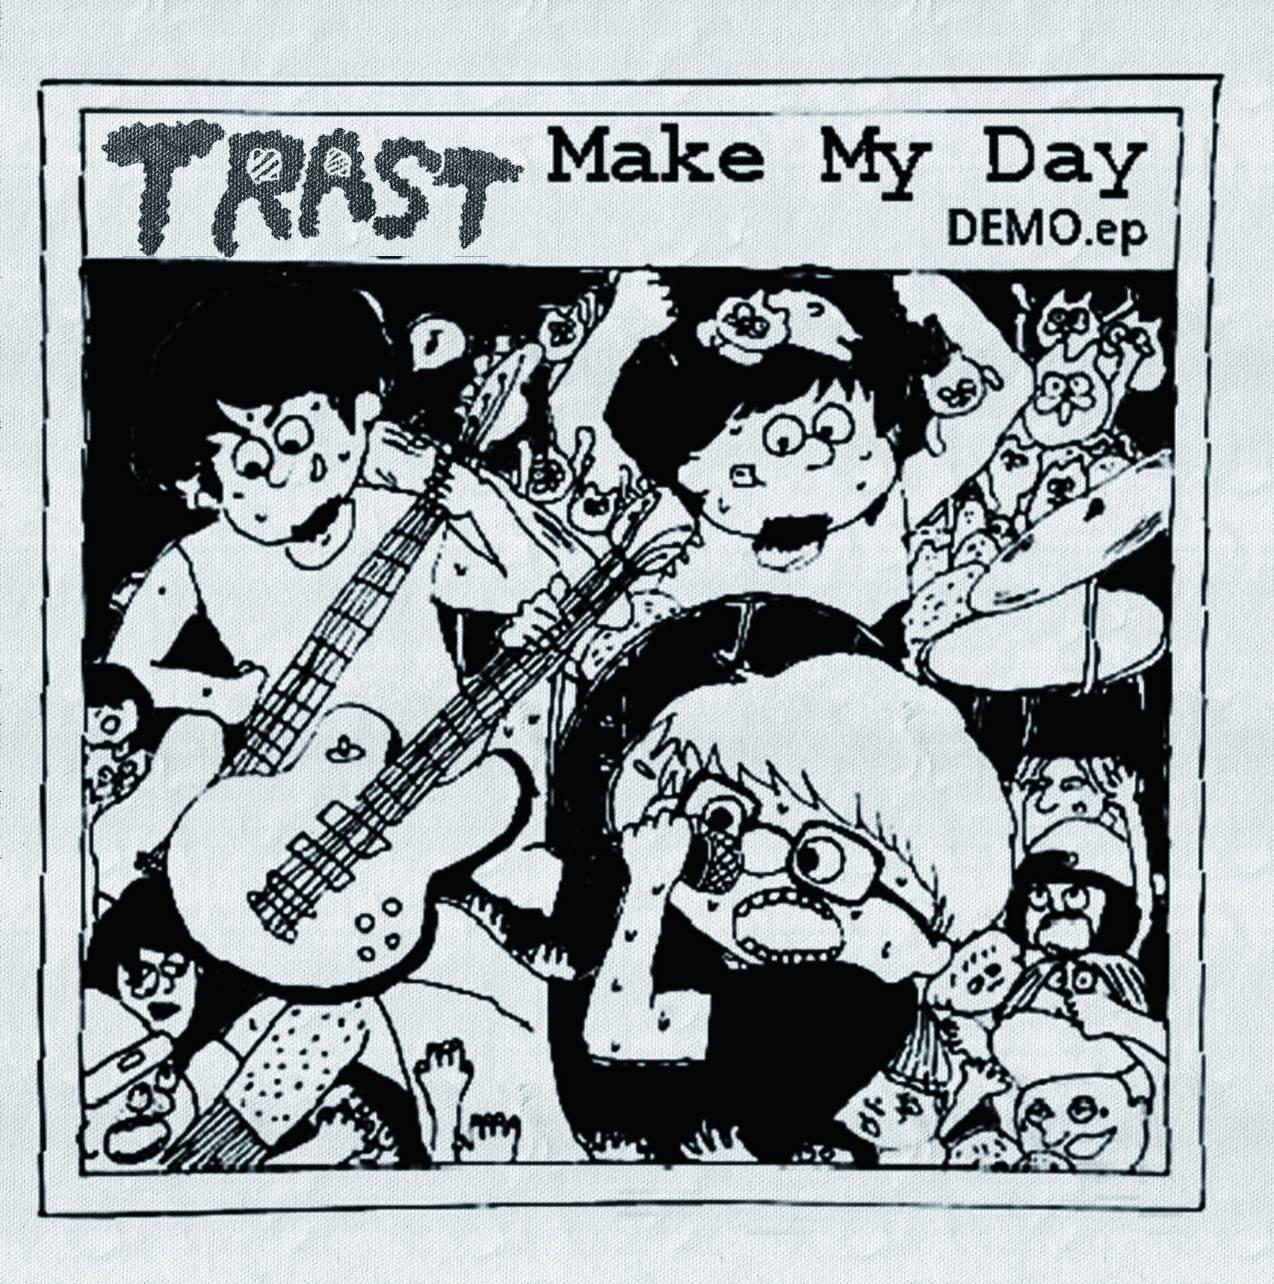 Make My Day demo ep